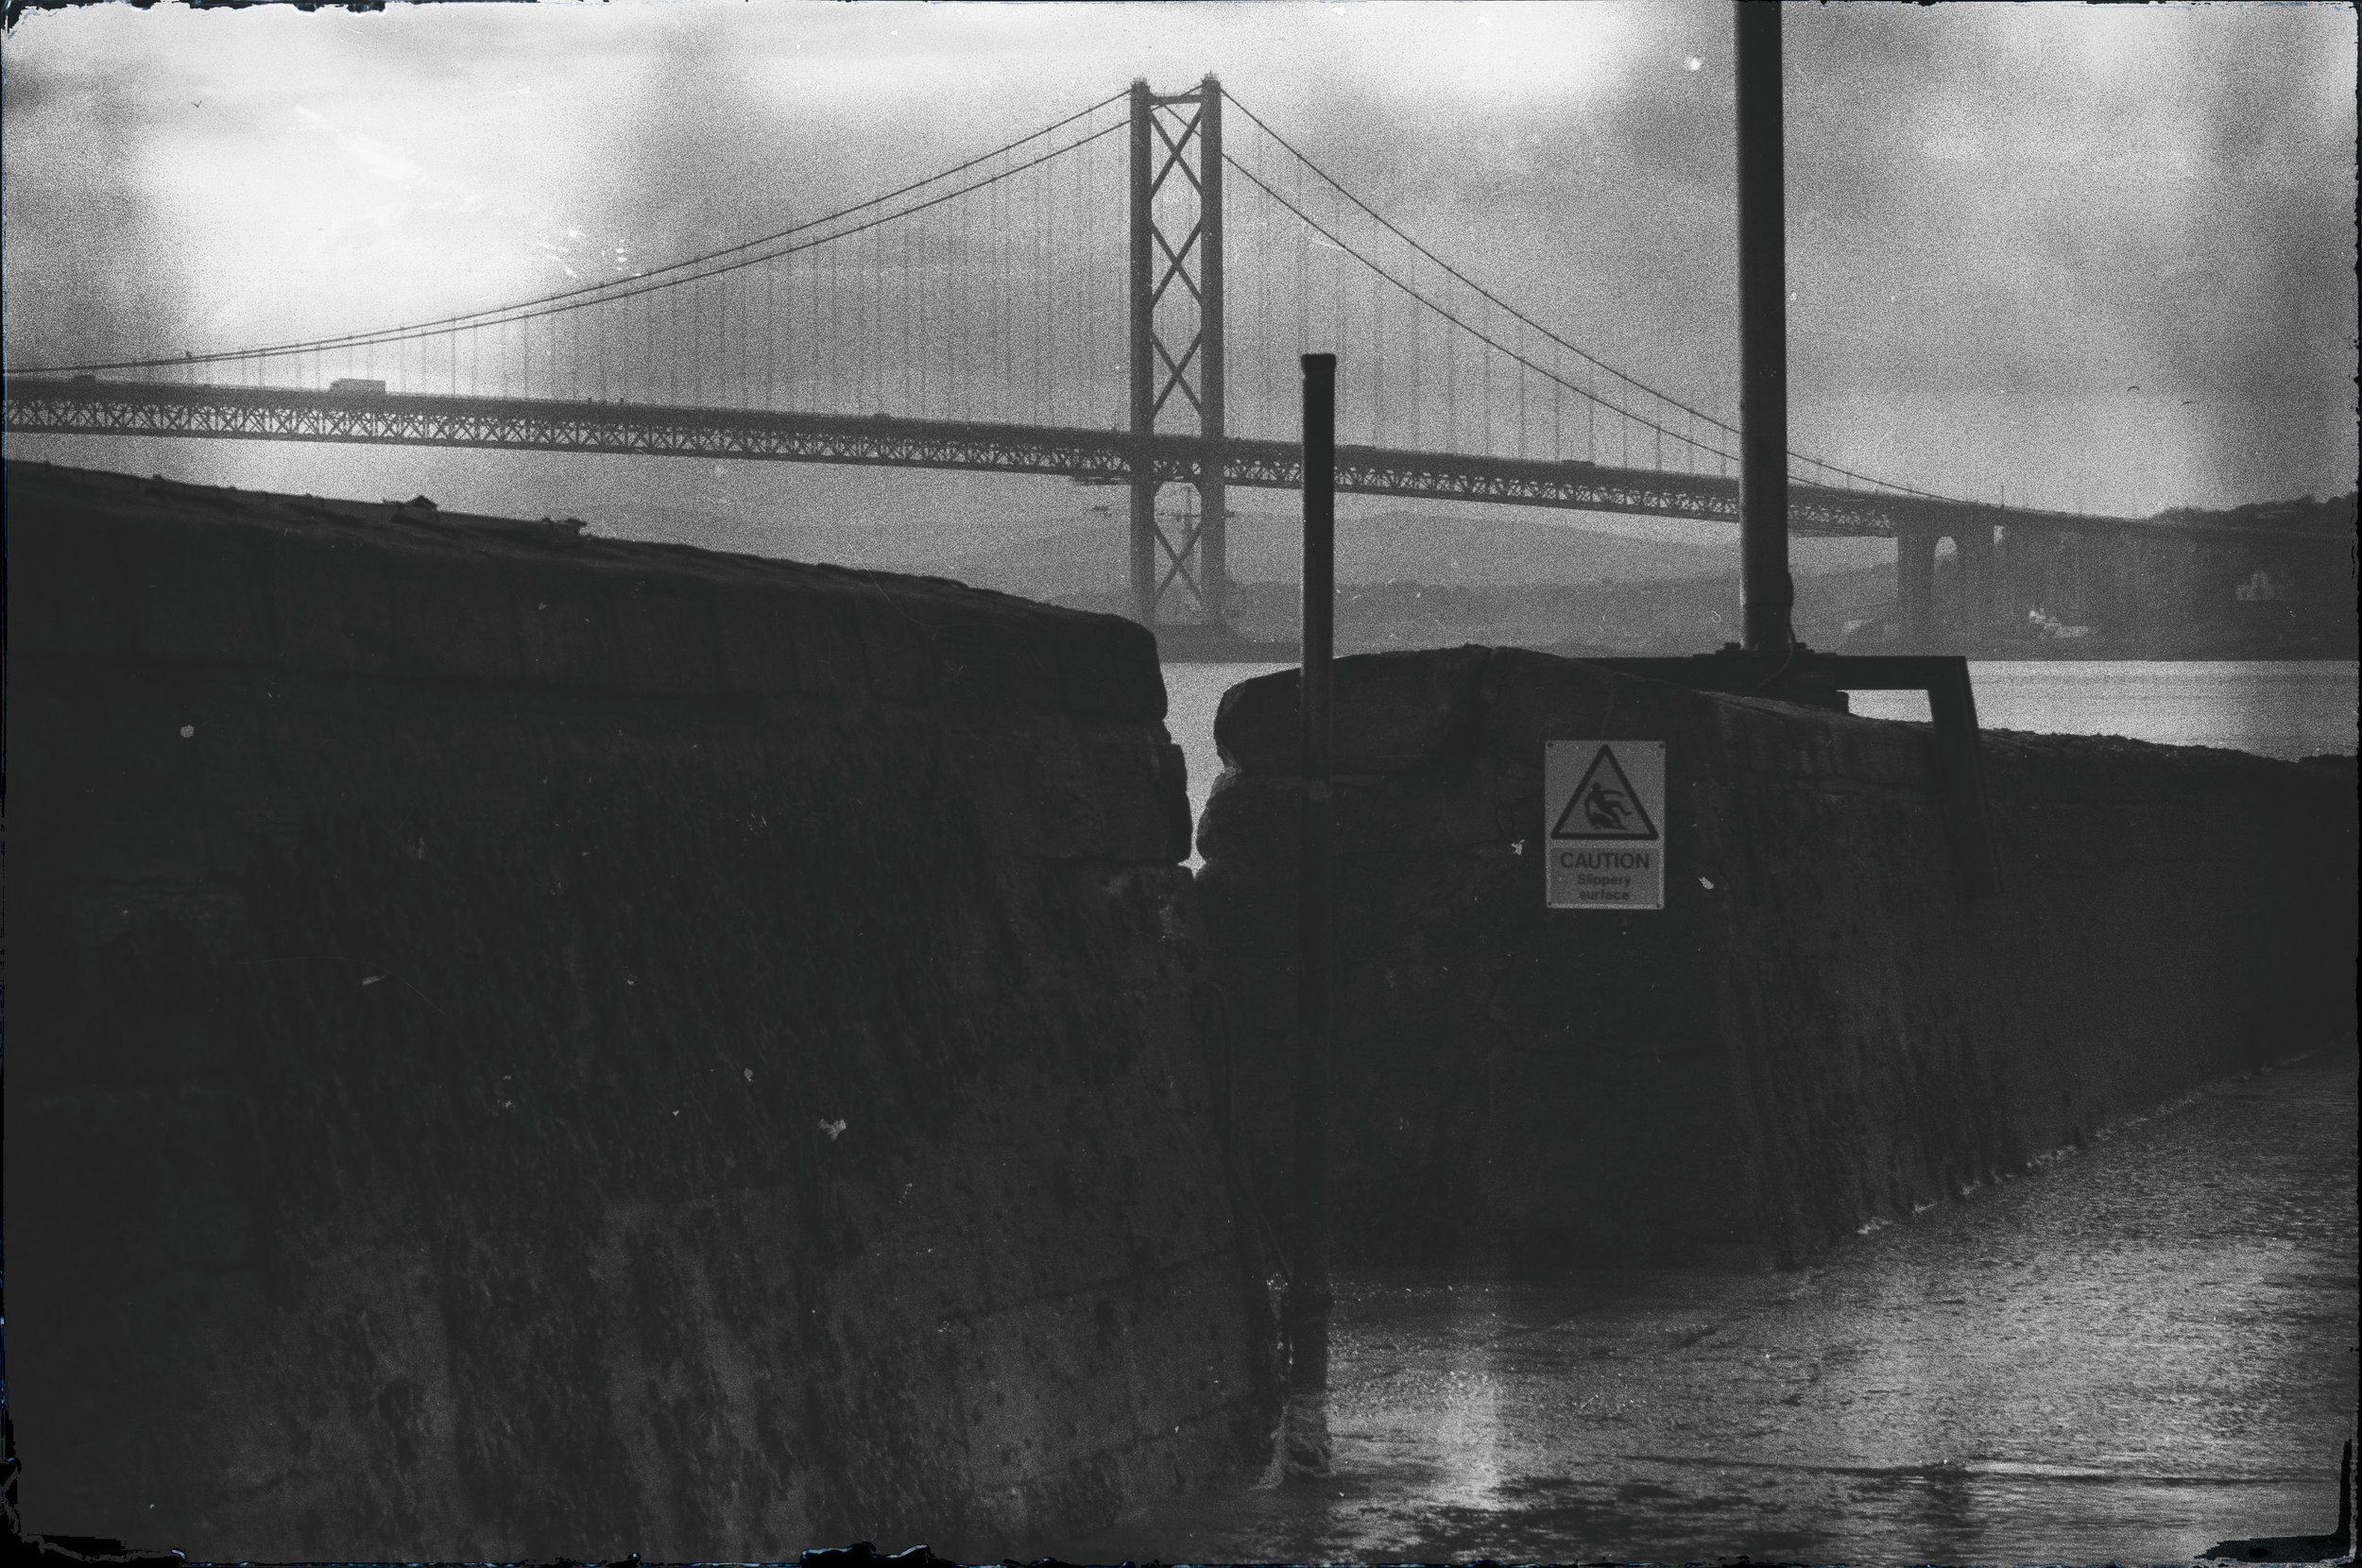 Queensferry Bridge - 2014 - DSC_1550-2-Edit.jpg